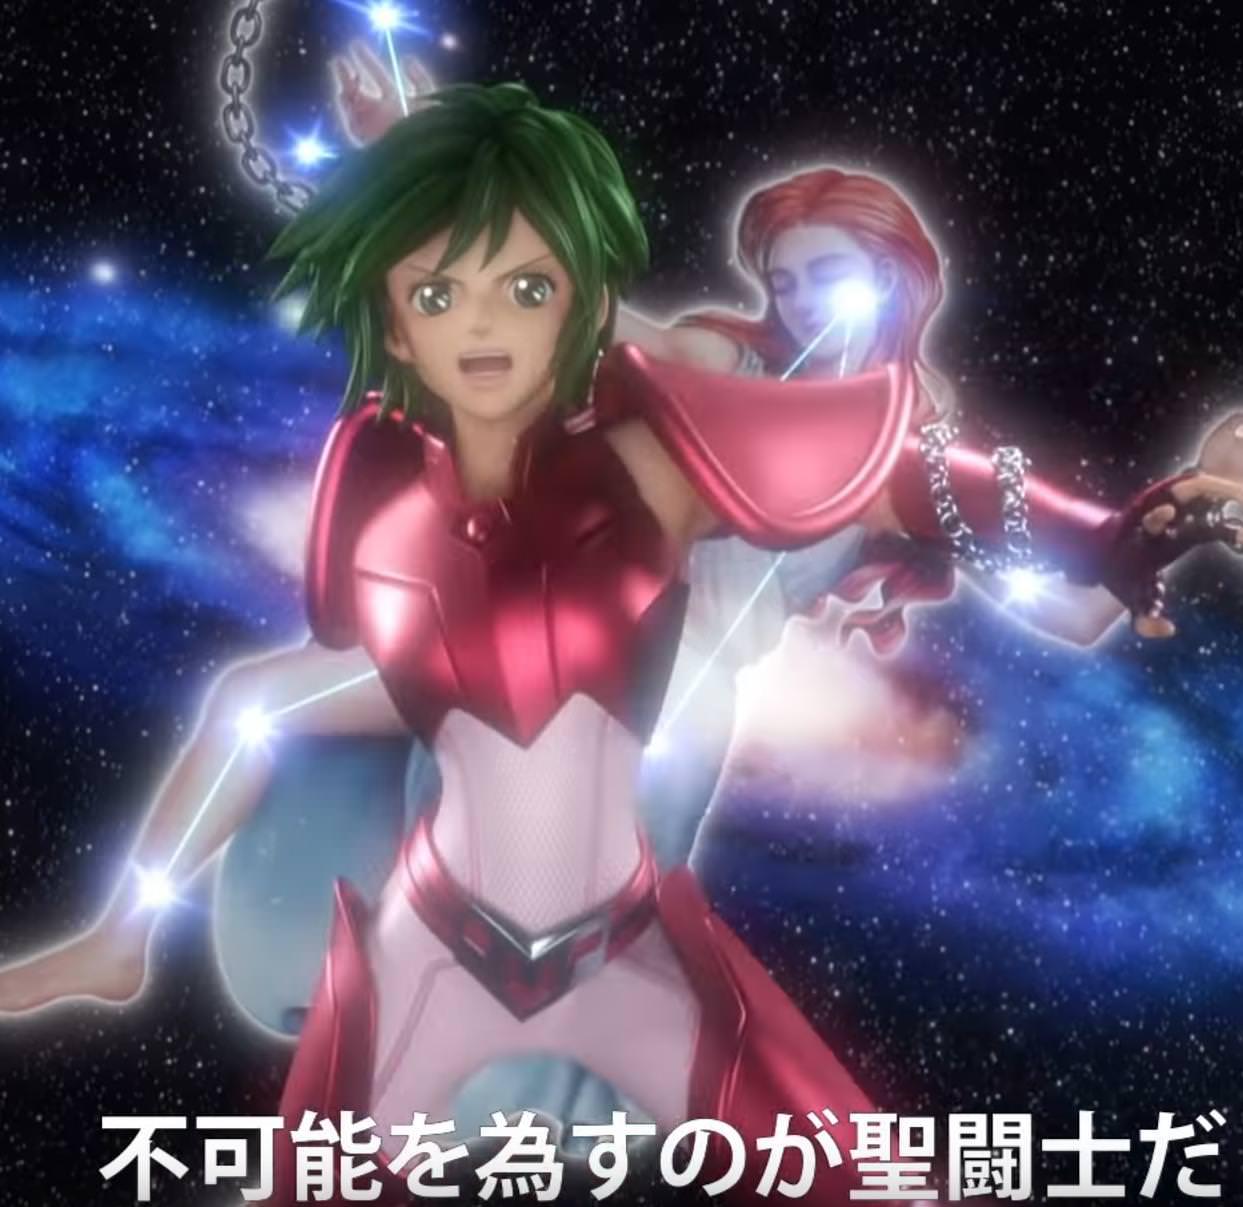 聖闘士星矢を3DCGアニメとしてリメイク……したらアンドロメダ瞬が女性化した